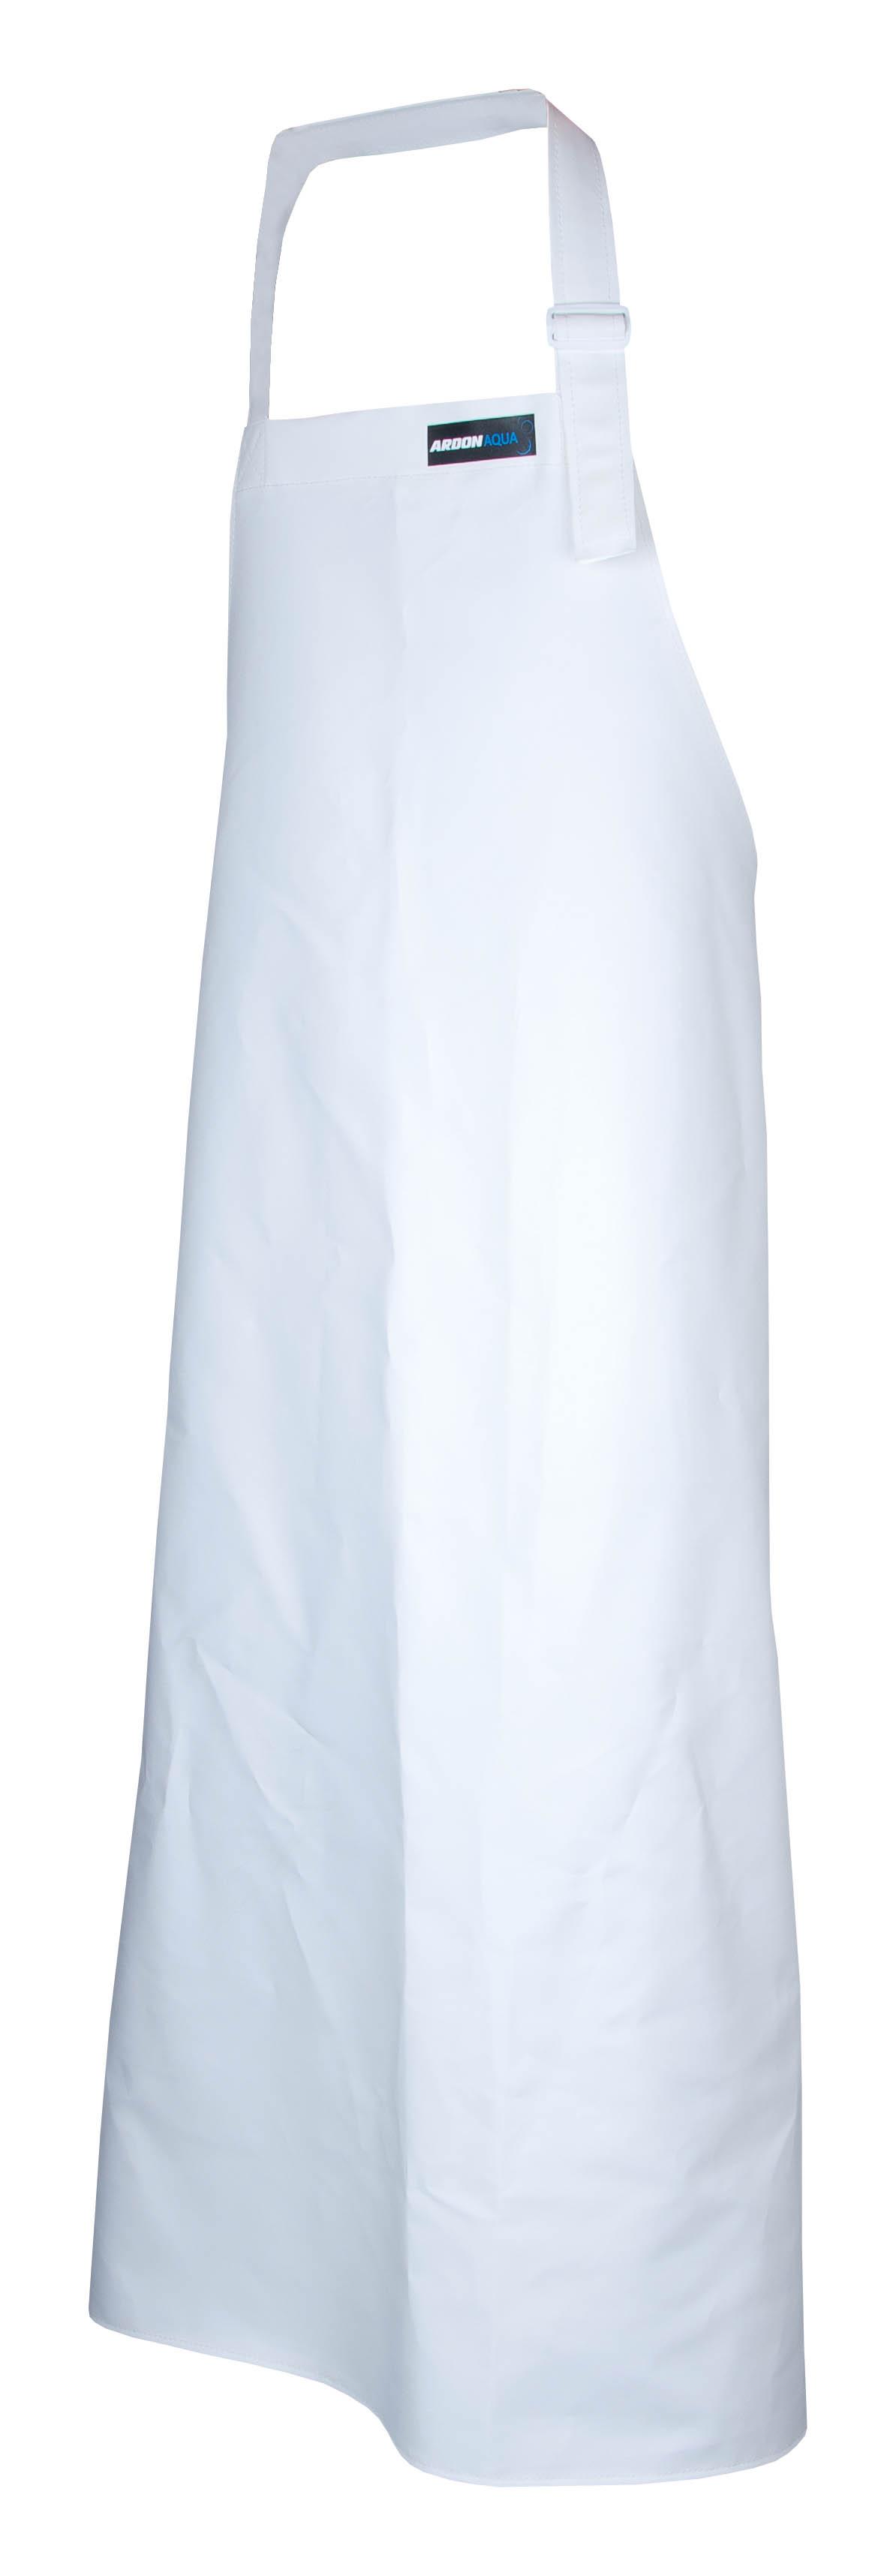 Pregača PVC/PE, 350g/m2 bijele boje